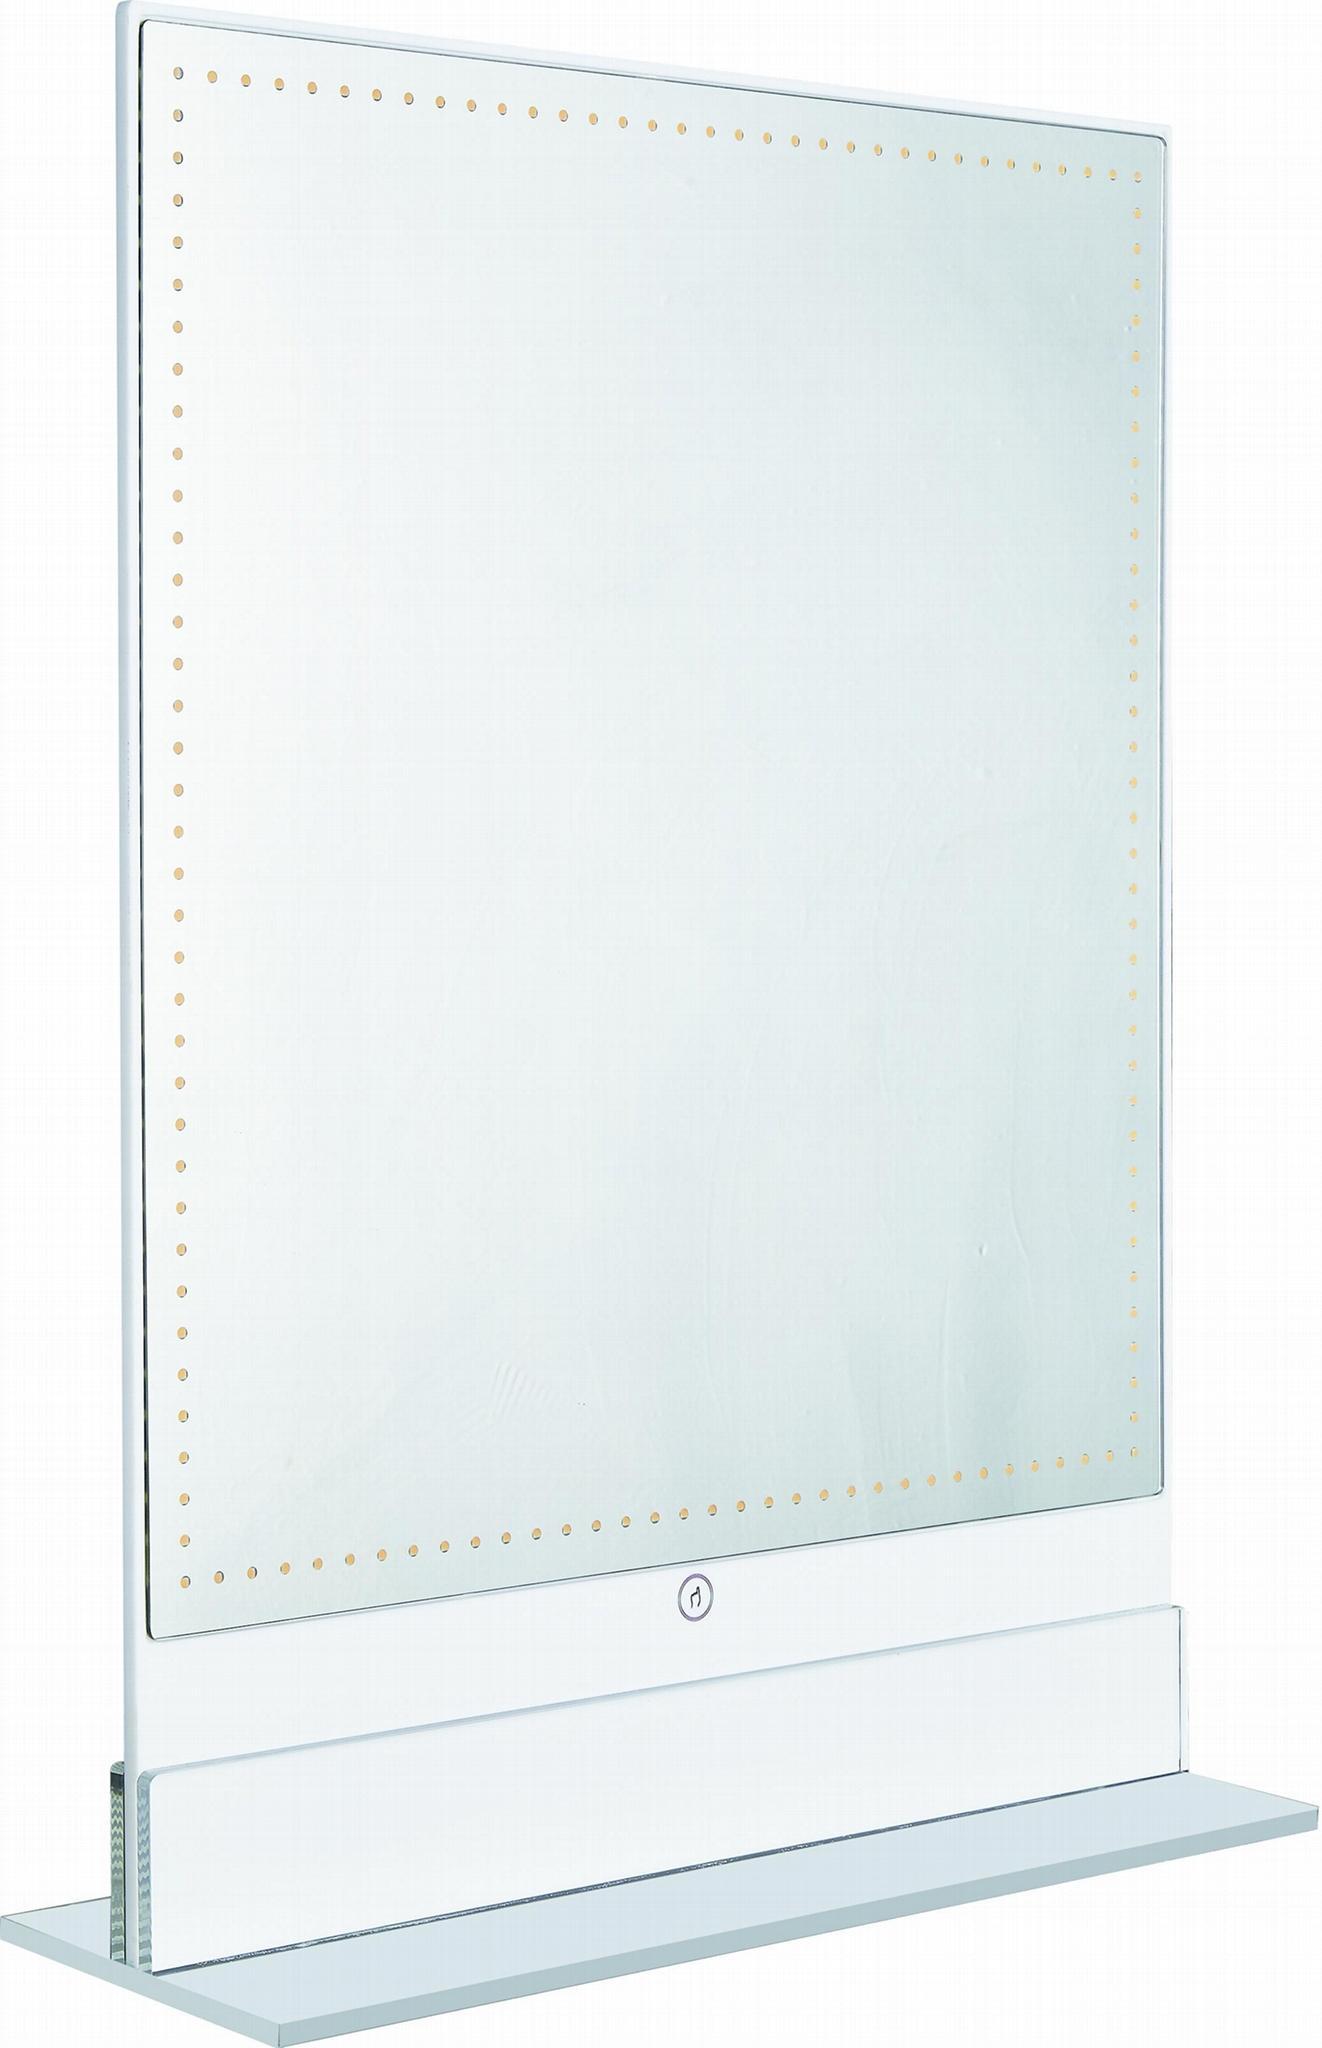 LED Lighted Vanity Mirror Bathroom mirror 1